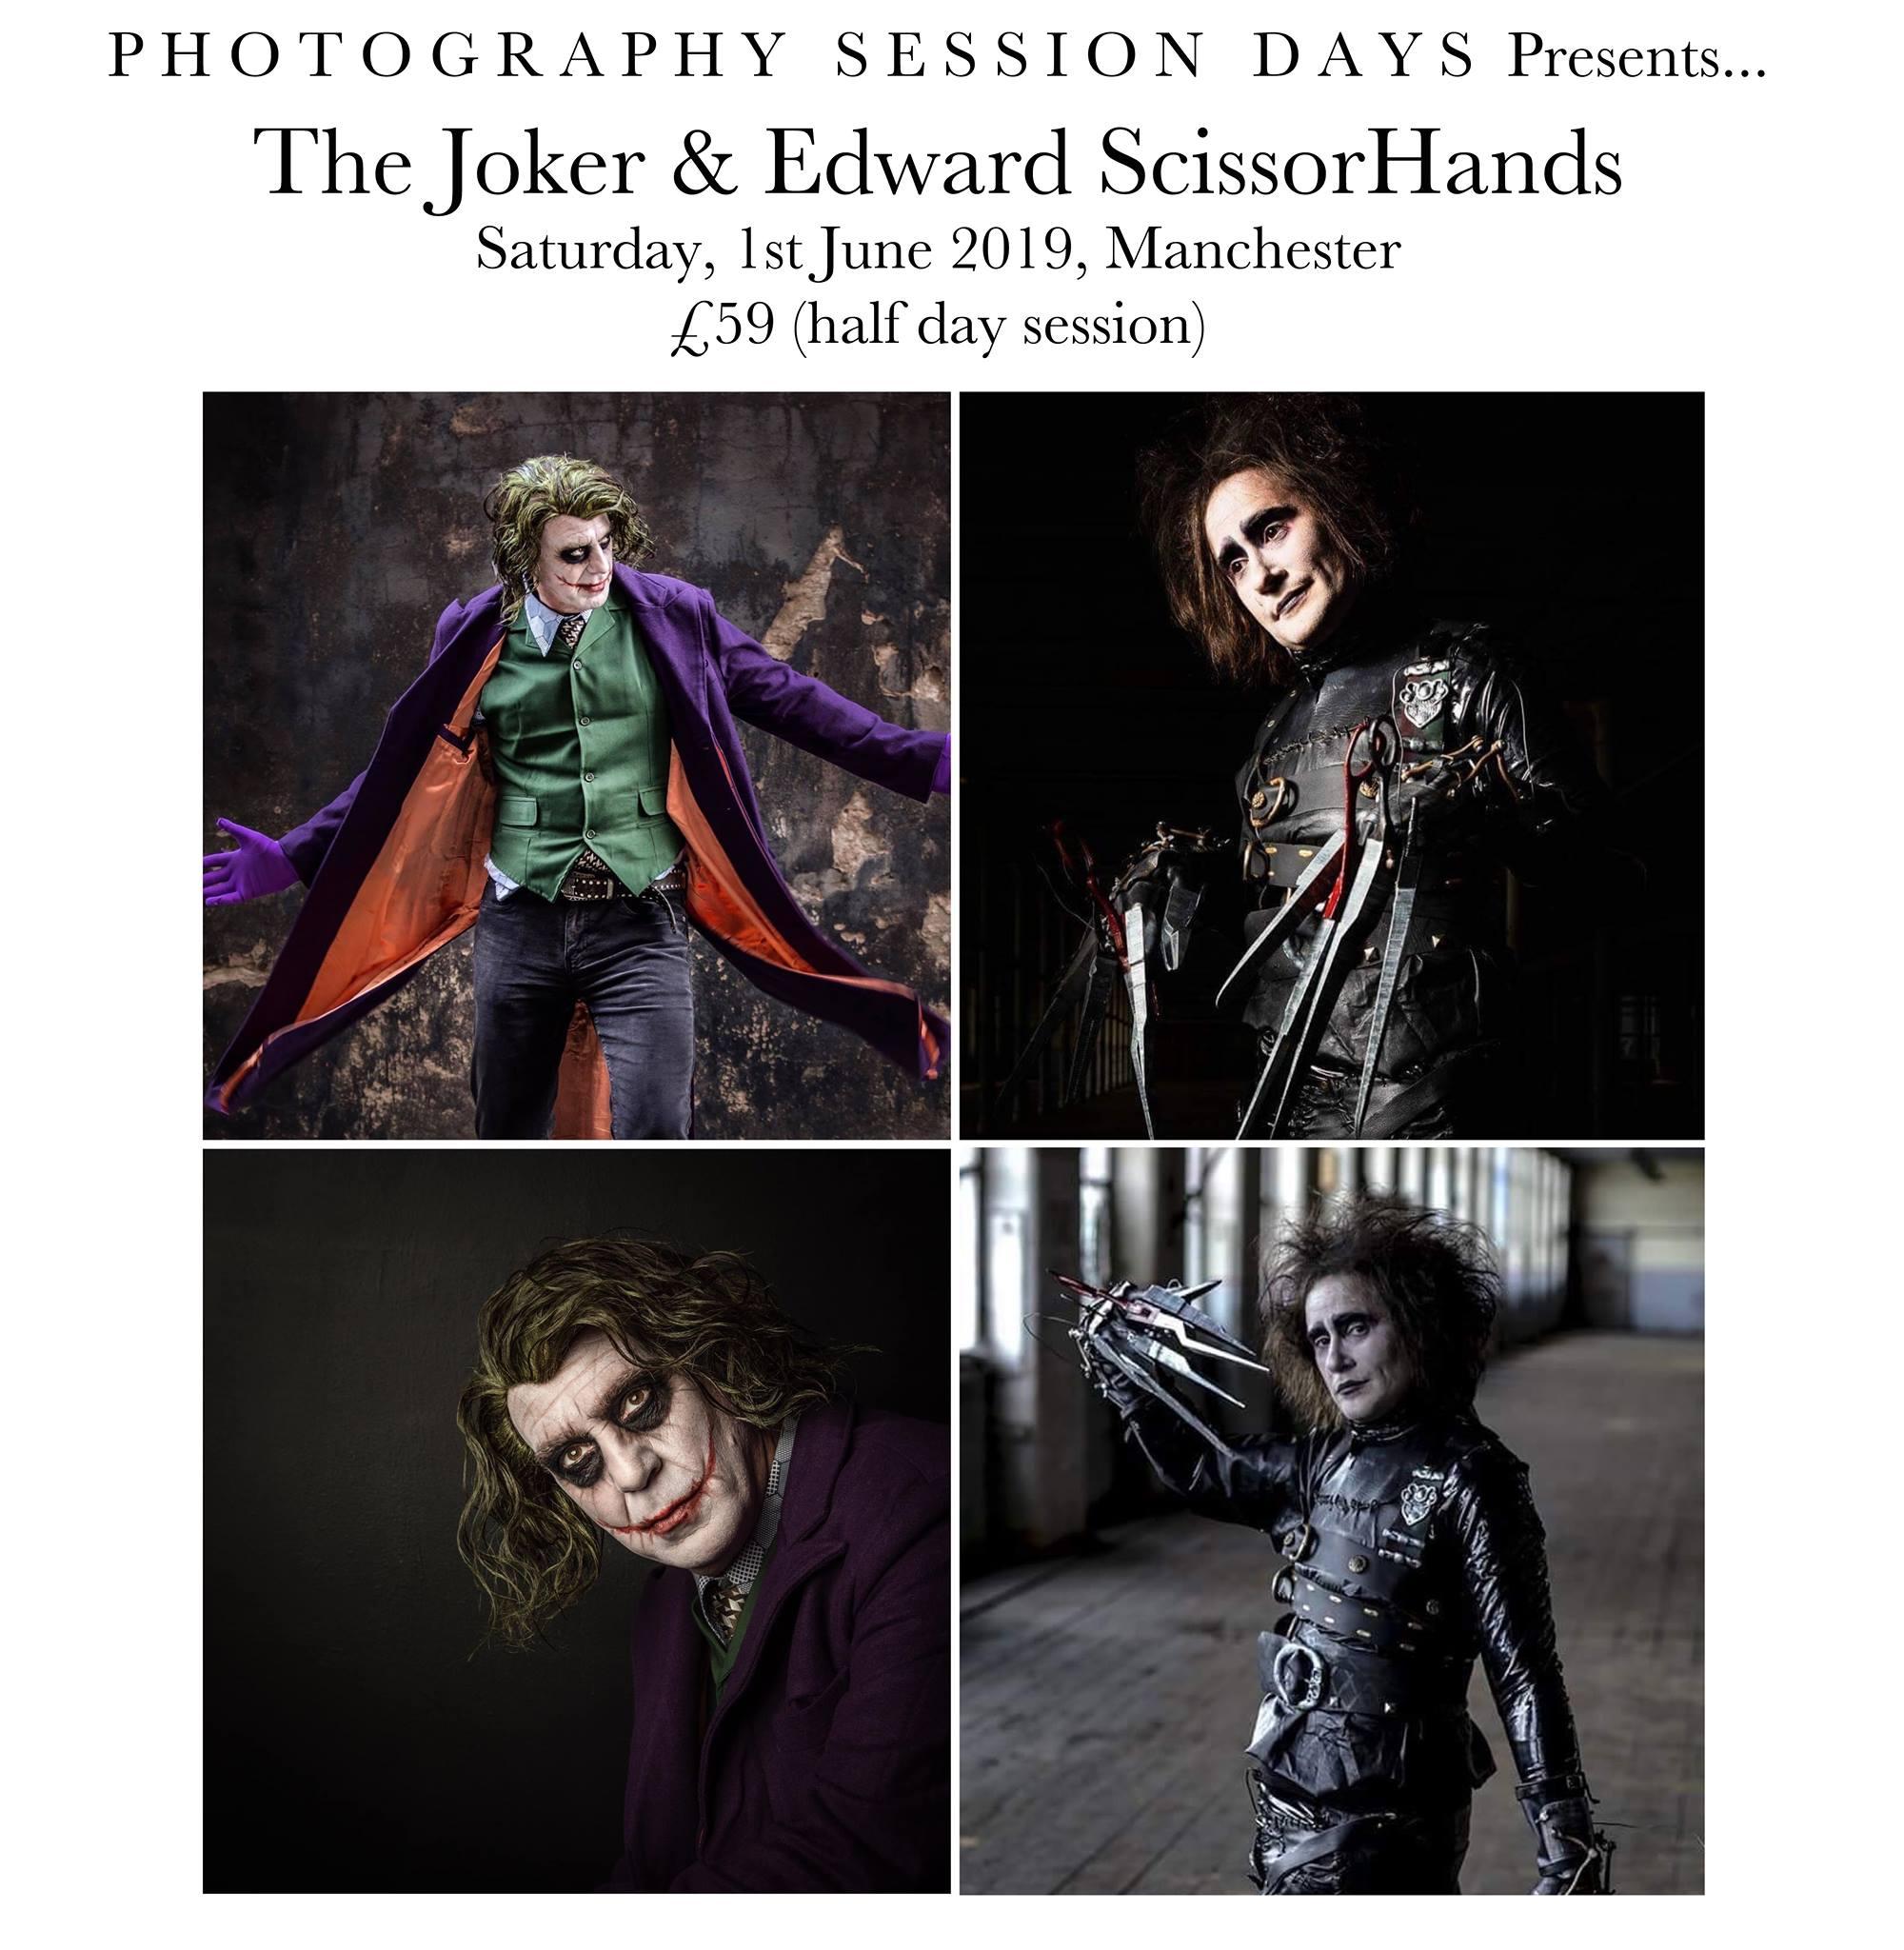 Joker and Scissorhands 1st June 2019